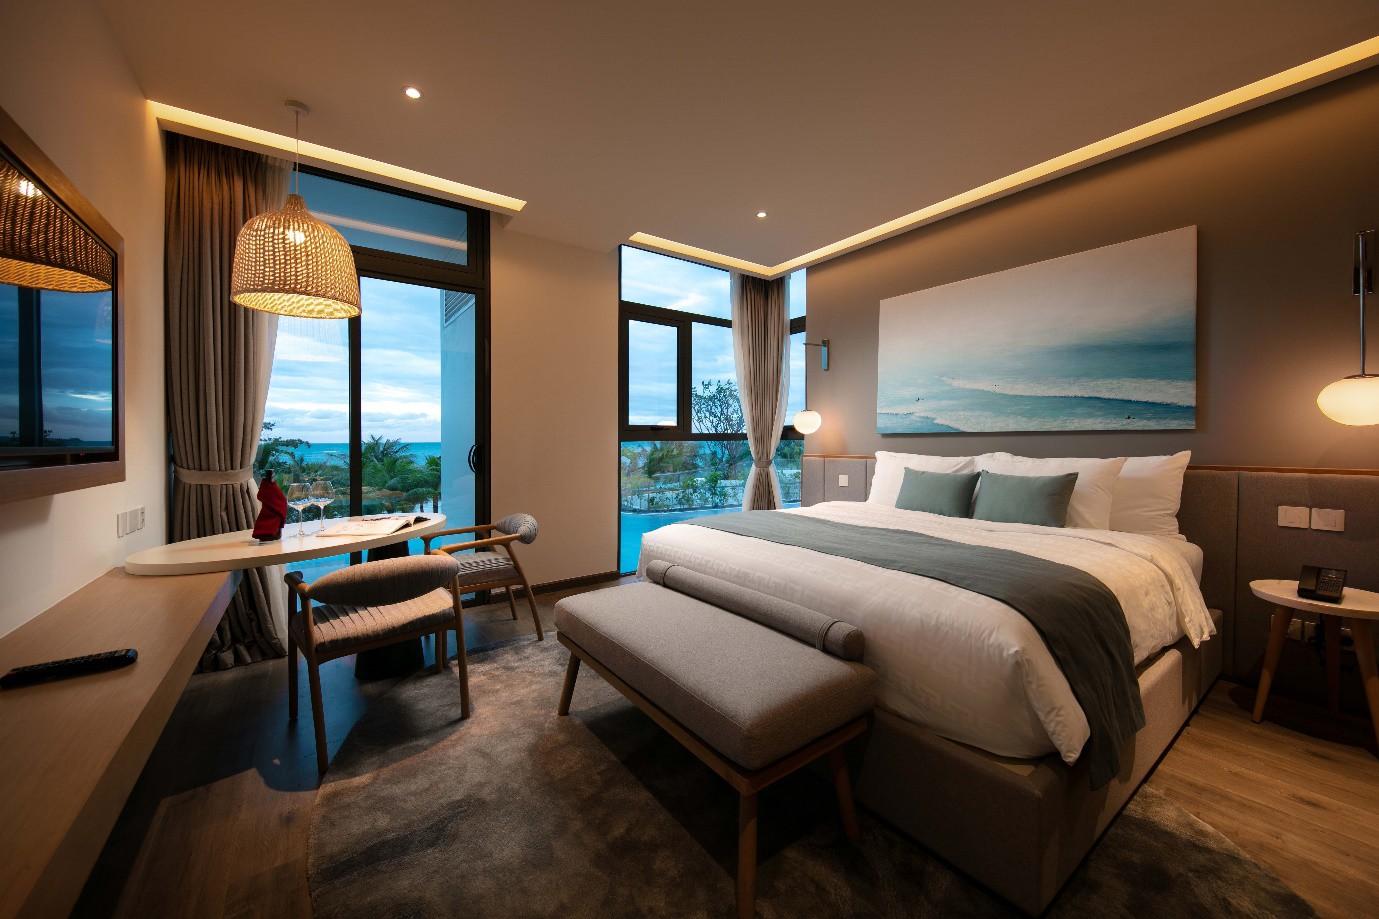 Premier Residences Phu Quoc Emerald Bay – Điểm đến cho du khách thích khám phá - Ảnh 1.